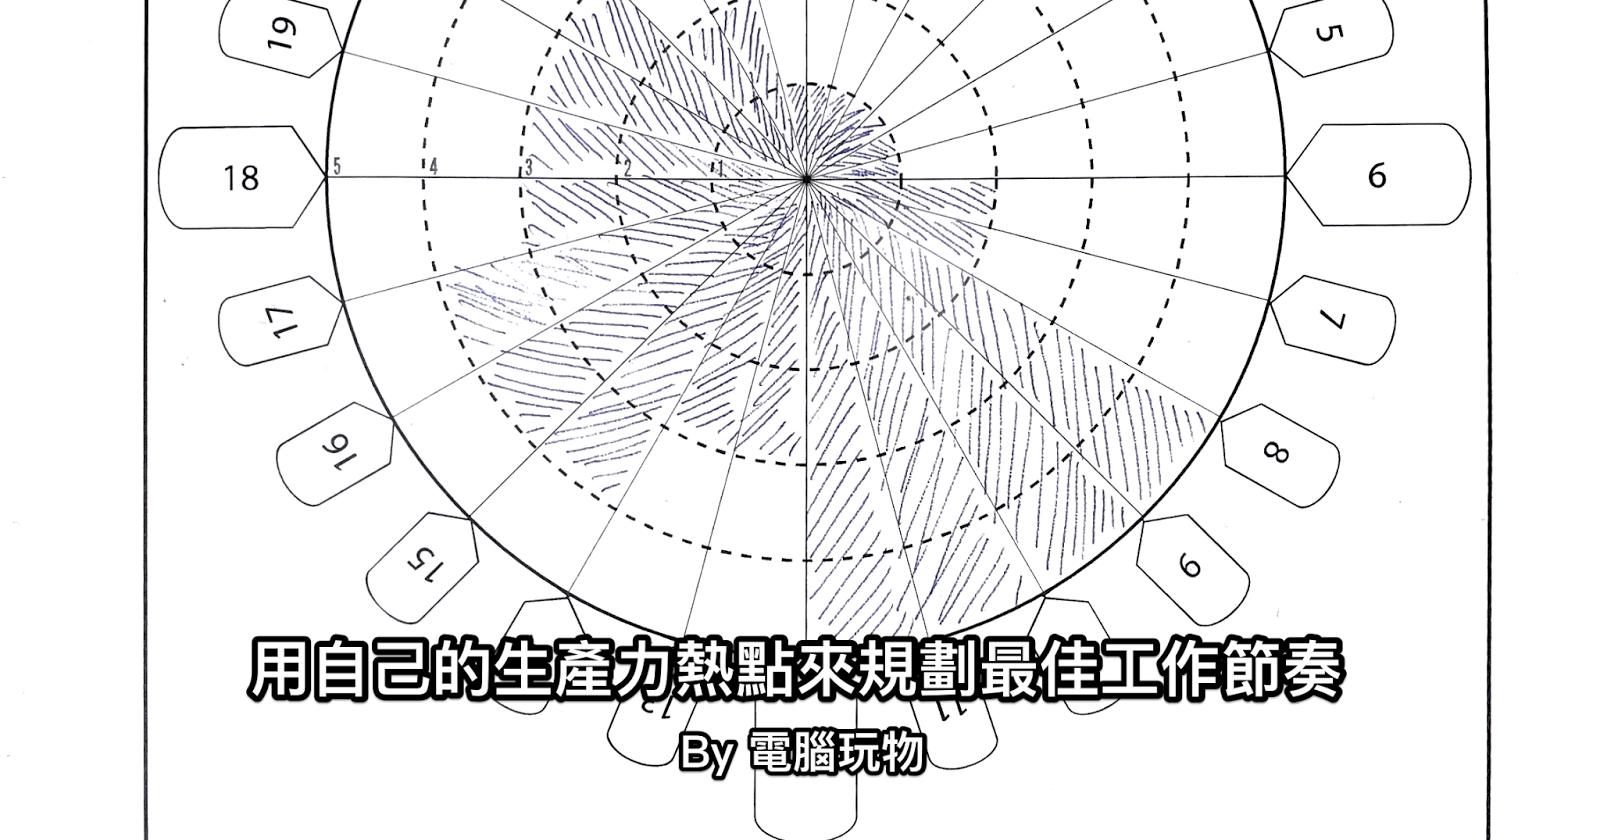 列印這張每日精力熱點圖,規劃事半功倍的個人生產力節律